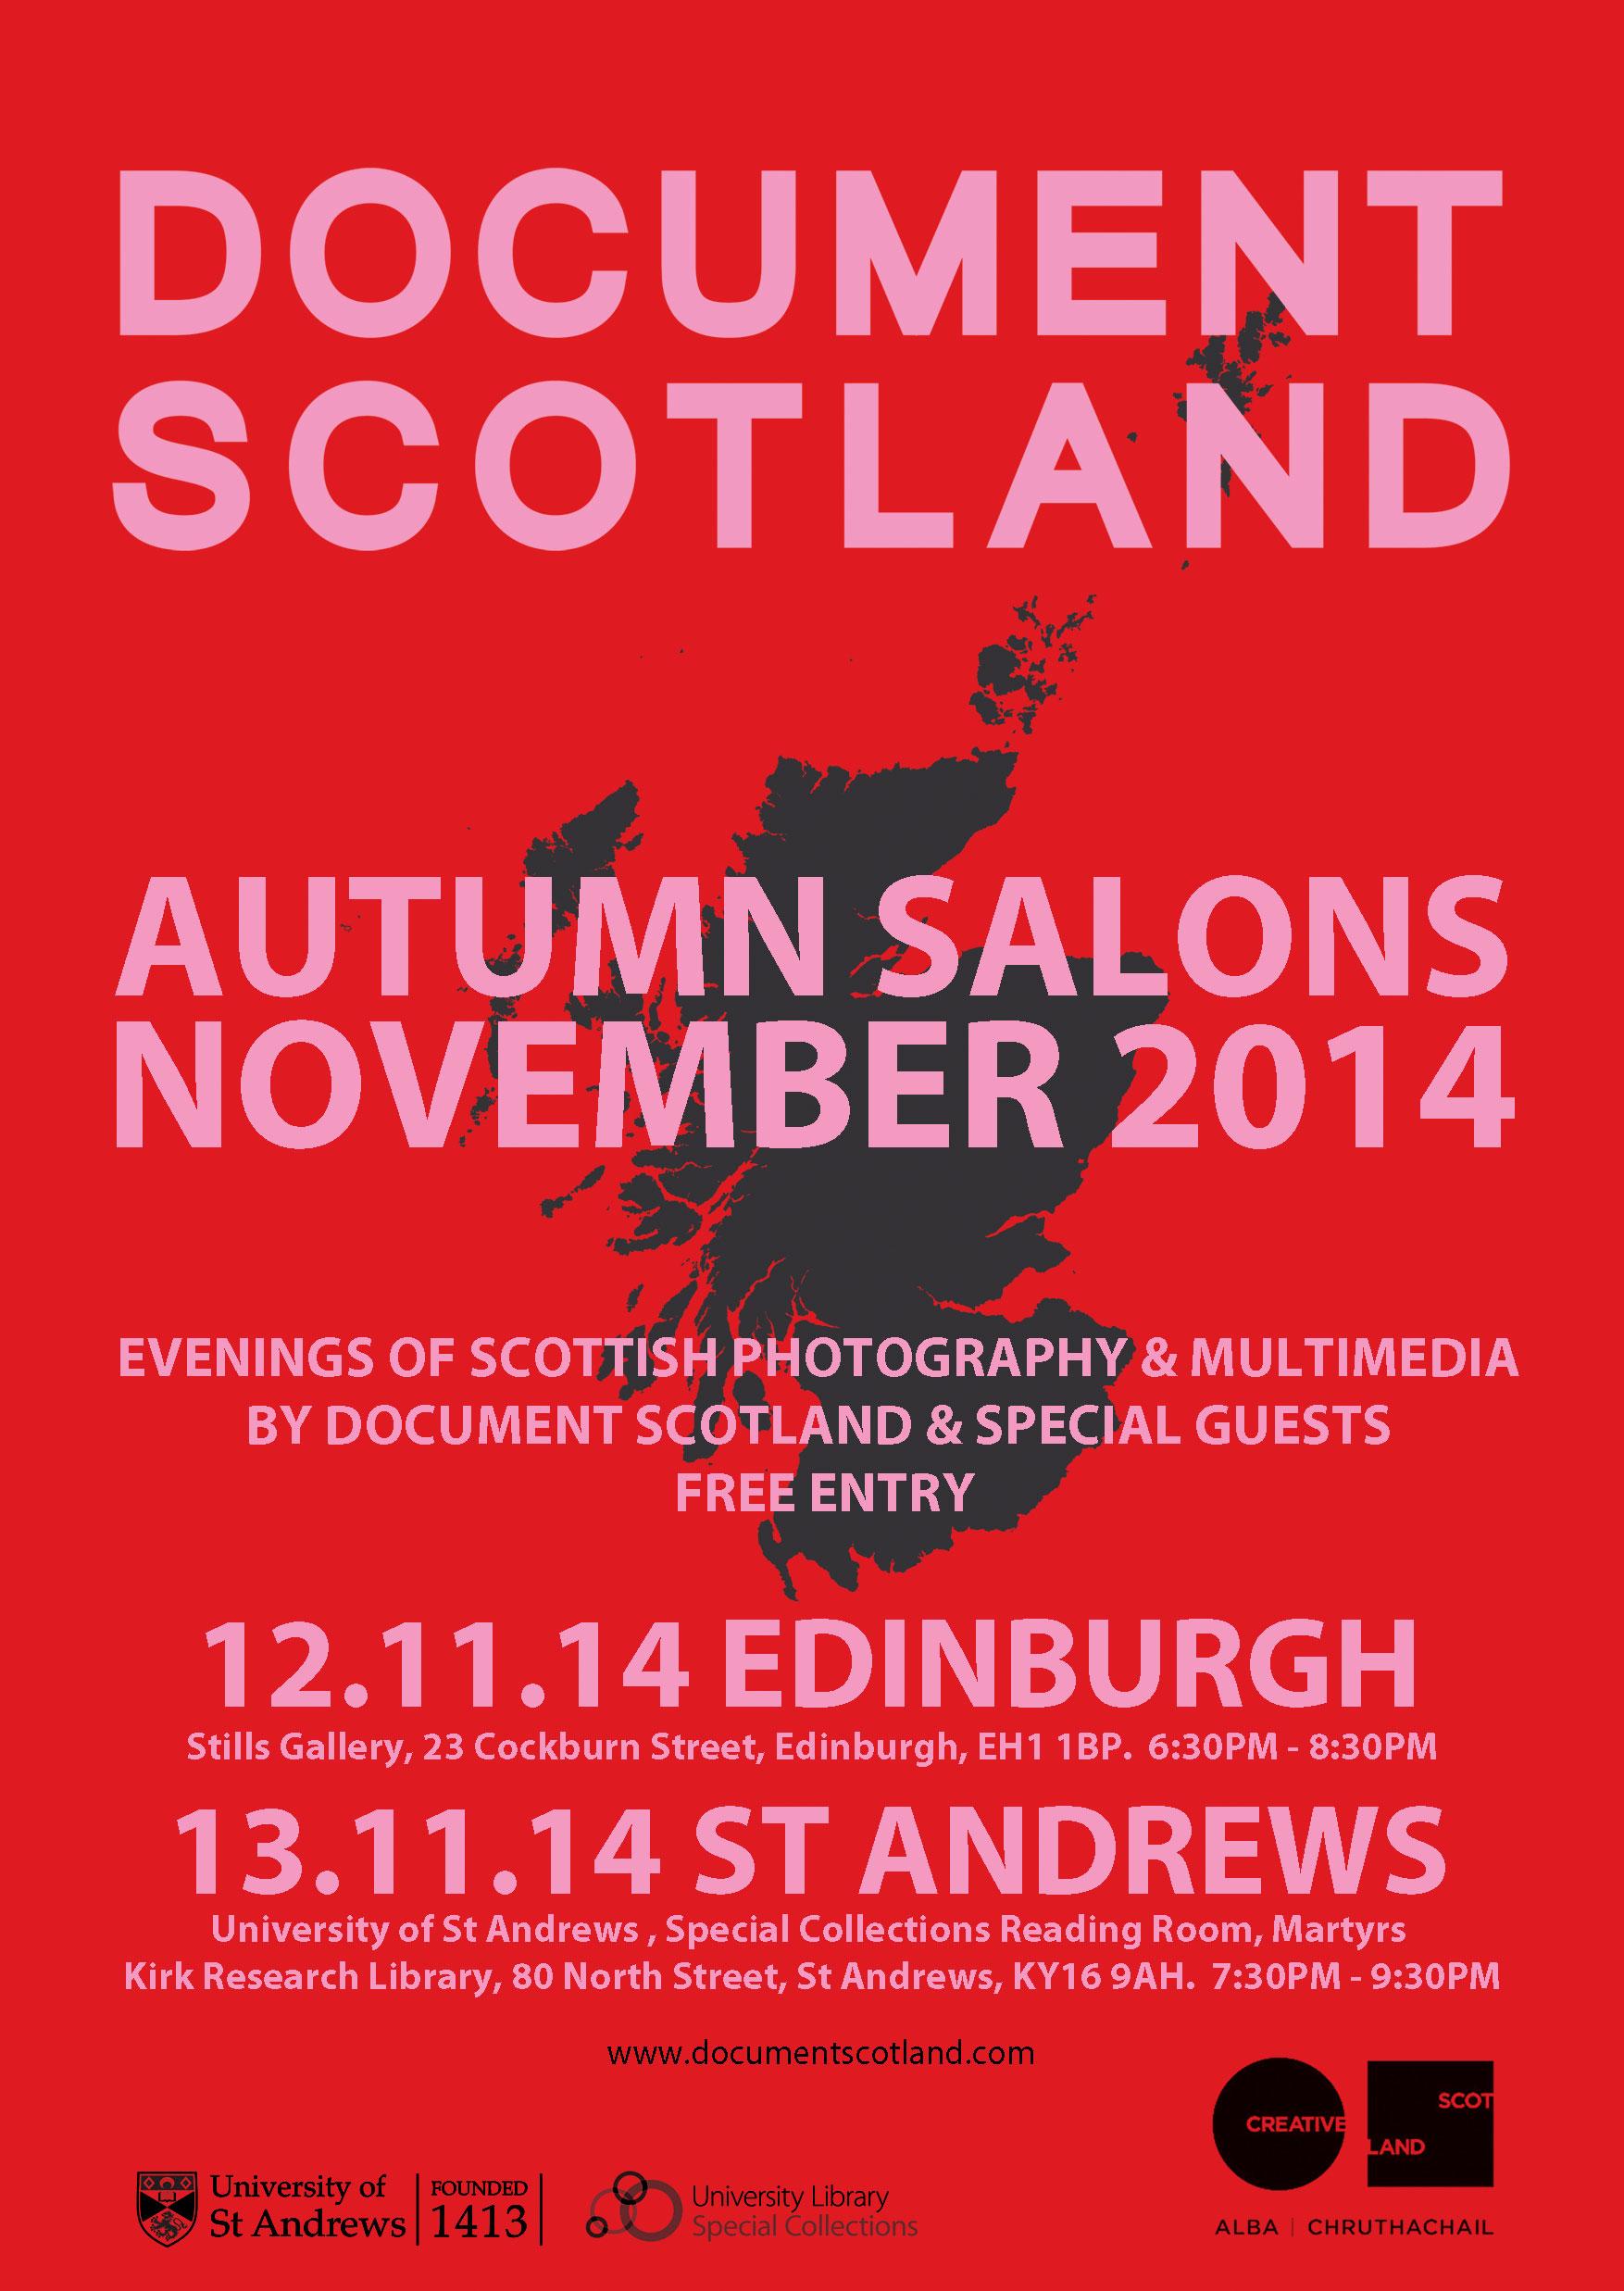 2014_Document_Scotland_SalonAutumn.v2